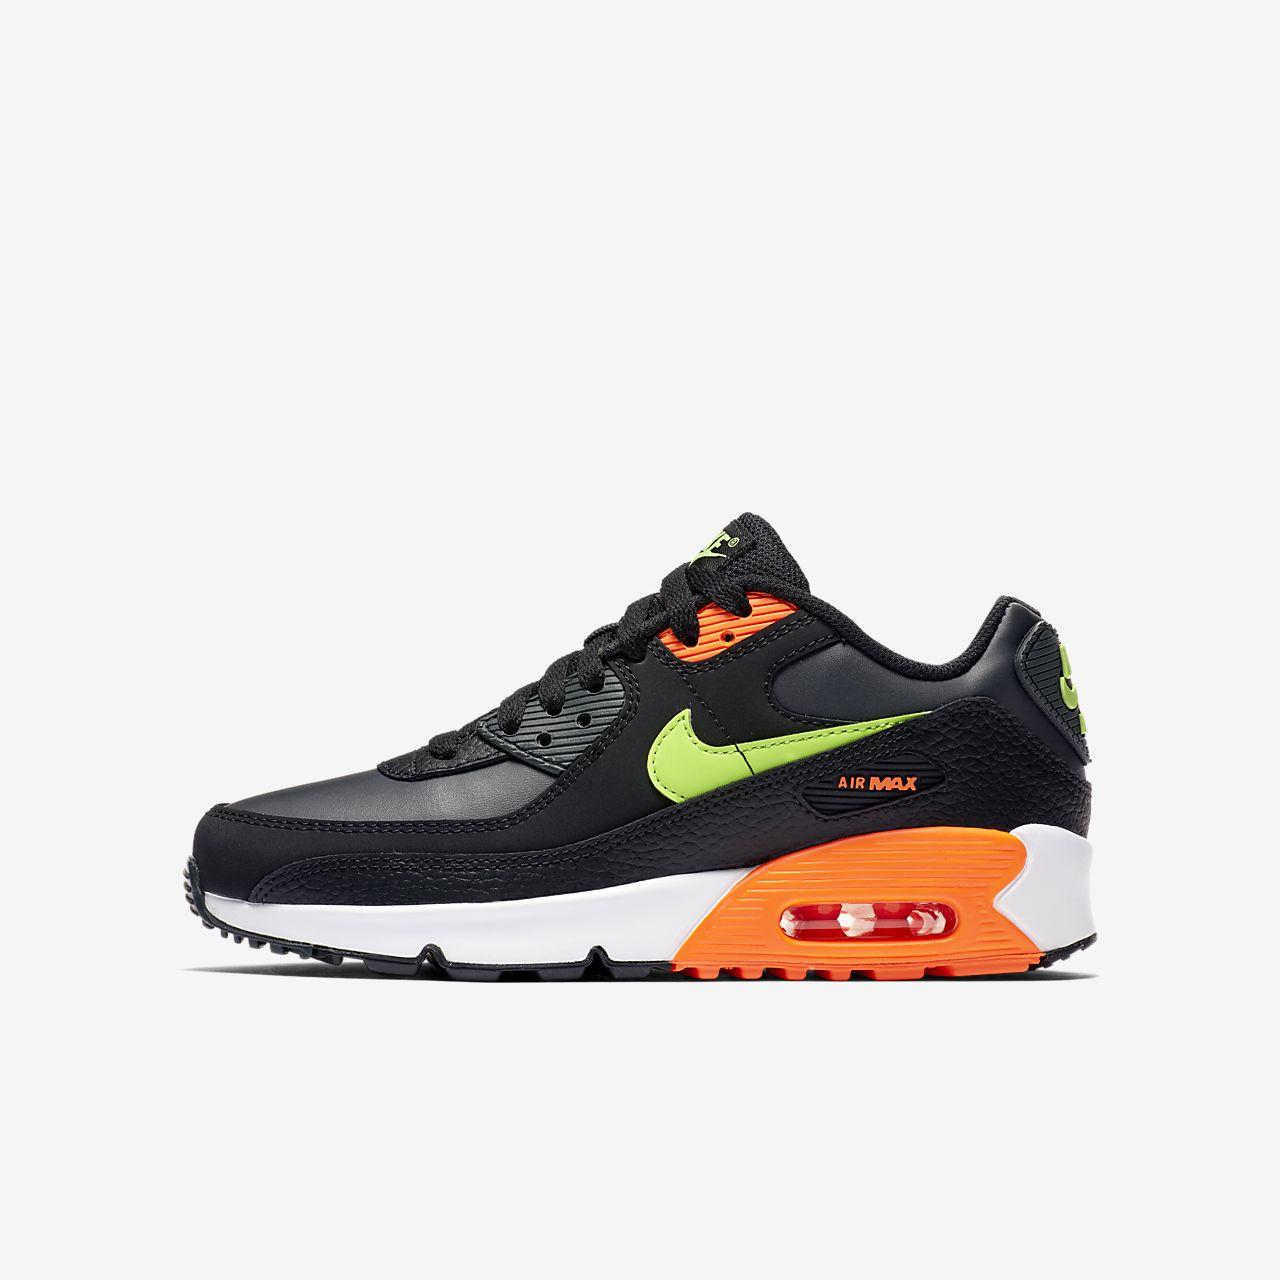 scarpe della nike ragazzo air max